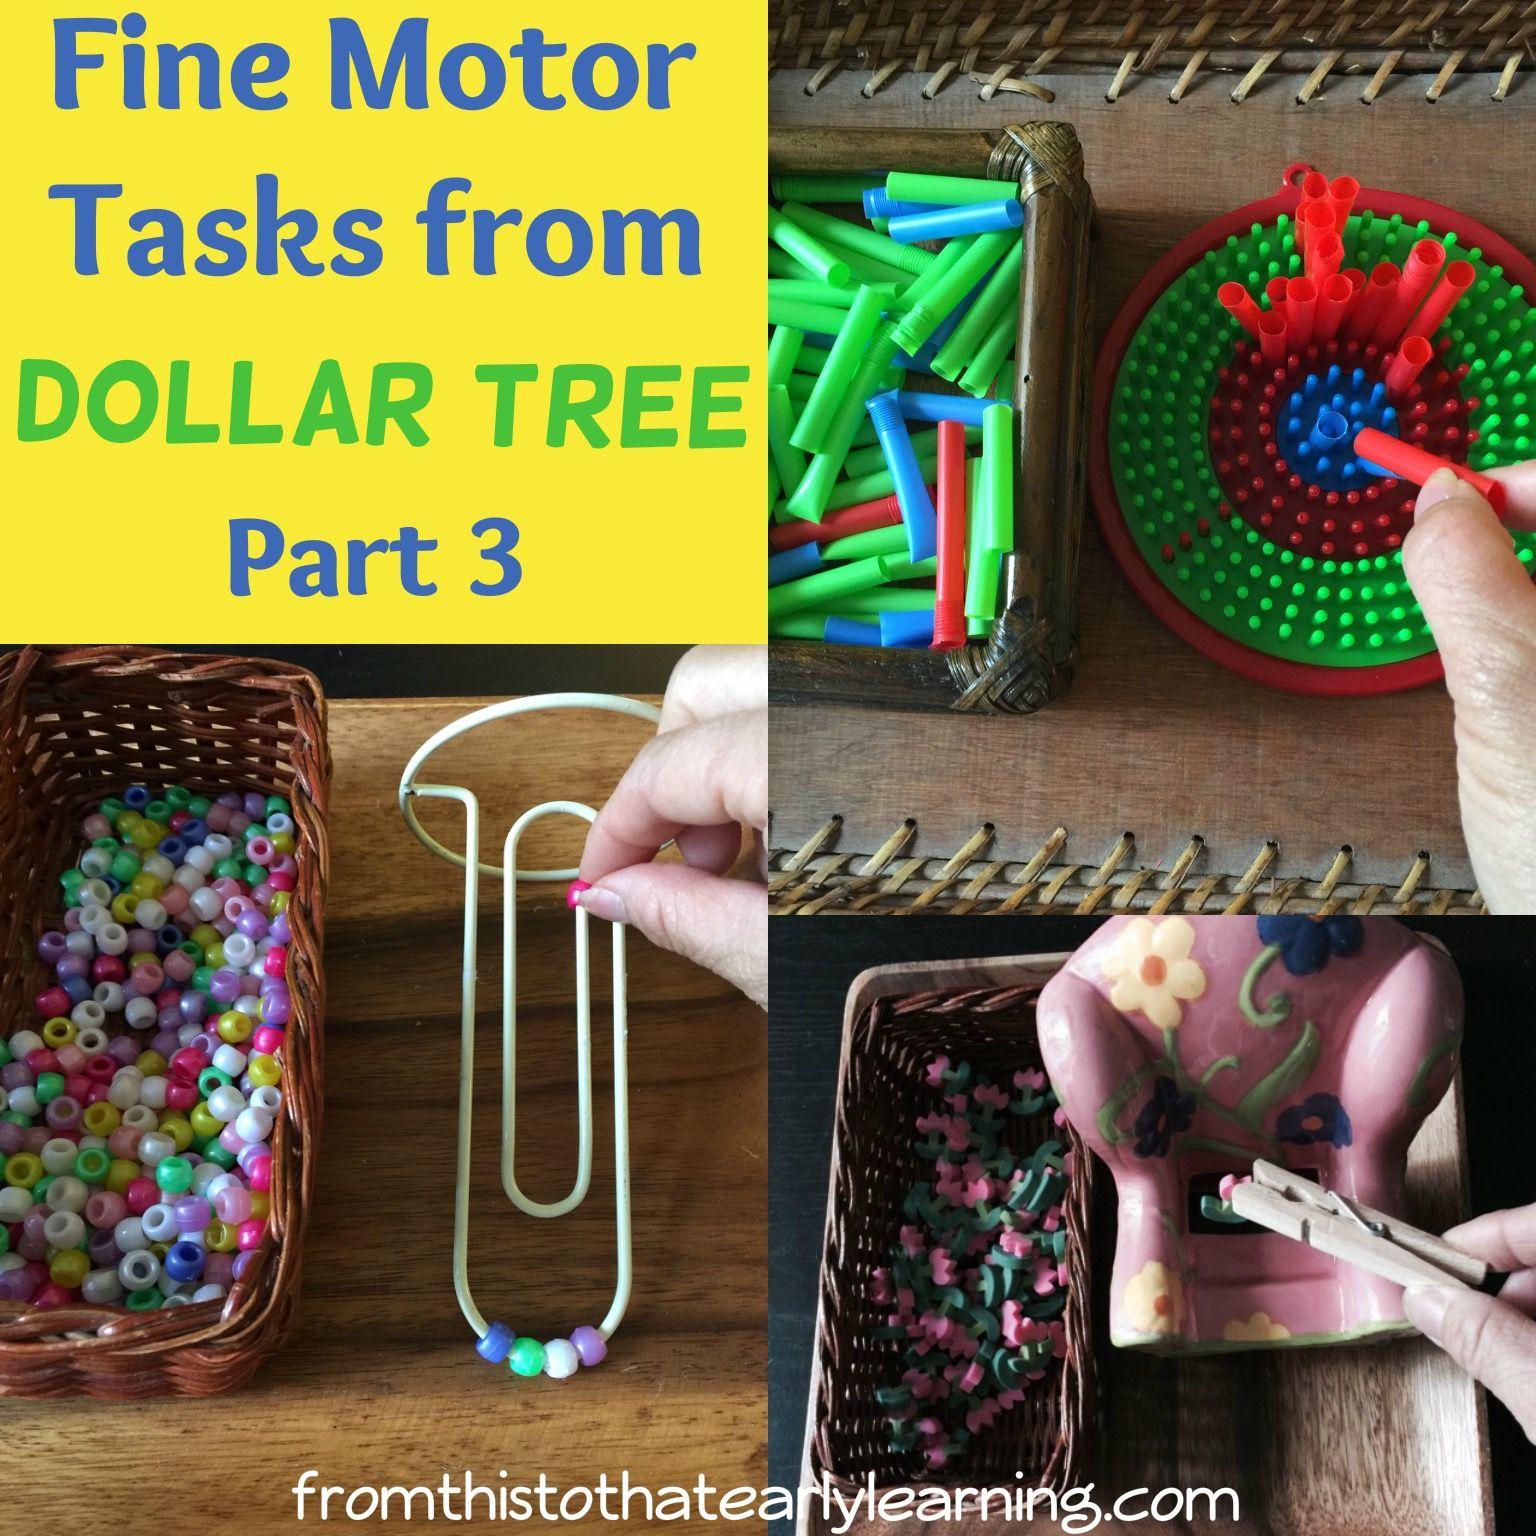 Fine Motor Tasks From Dollar Tree Part 3 Preschool Fine Motor Skills Preschool Fine Motor Activities Preschool Fine Motor